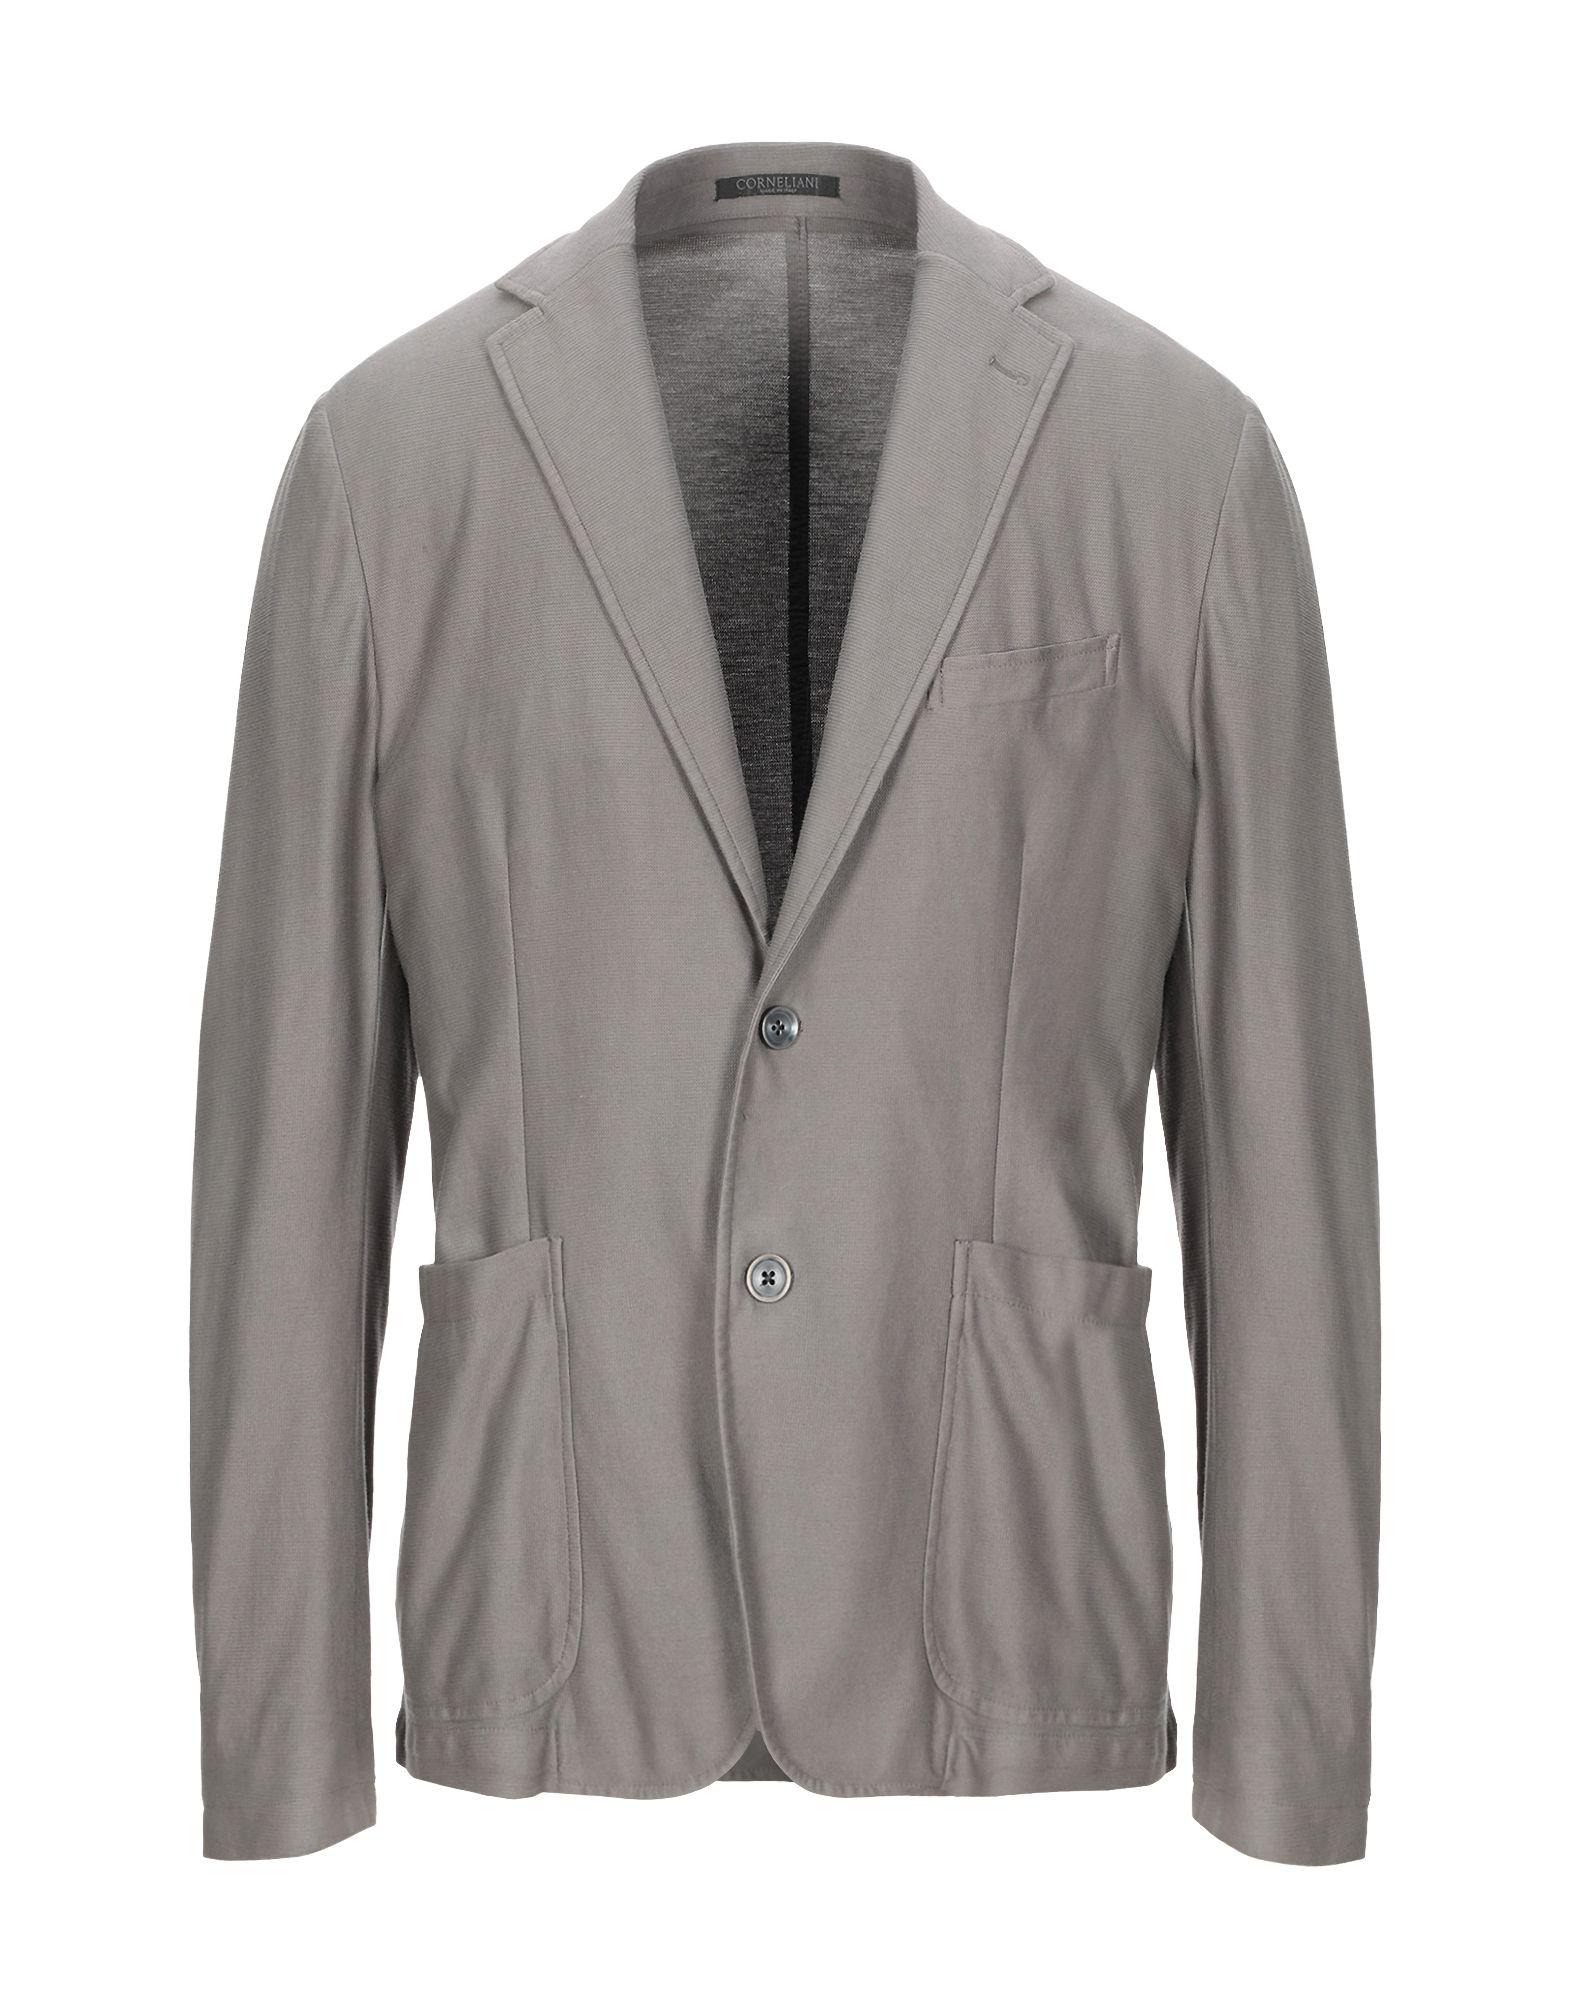 《期間限定セール開催中!》TREND CORNELIANI メンズ テーラードジャケット ドーブグレー 50 コットン 100%